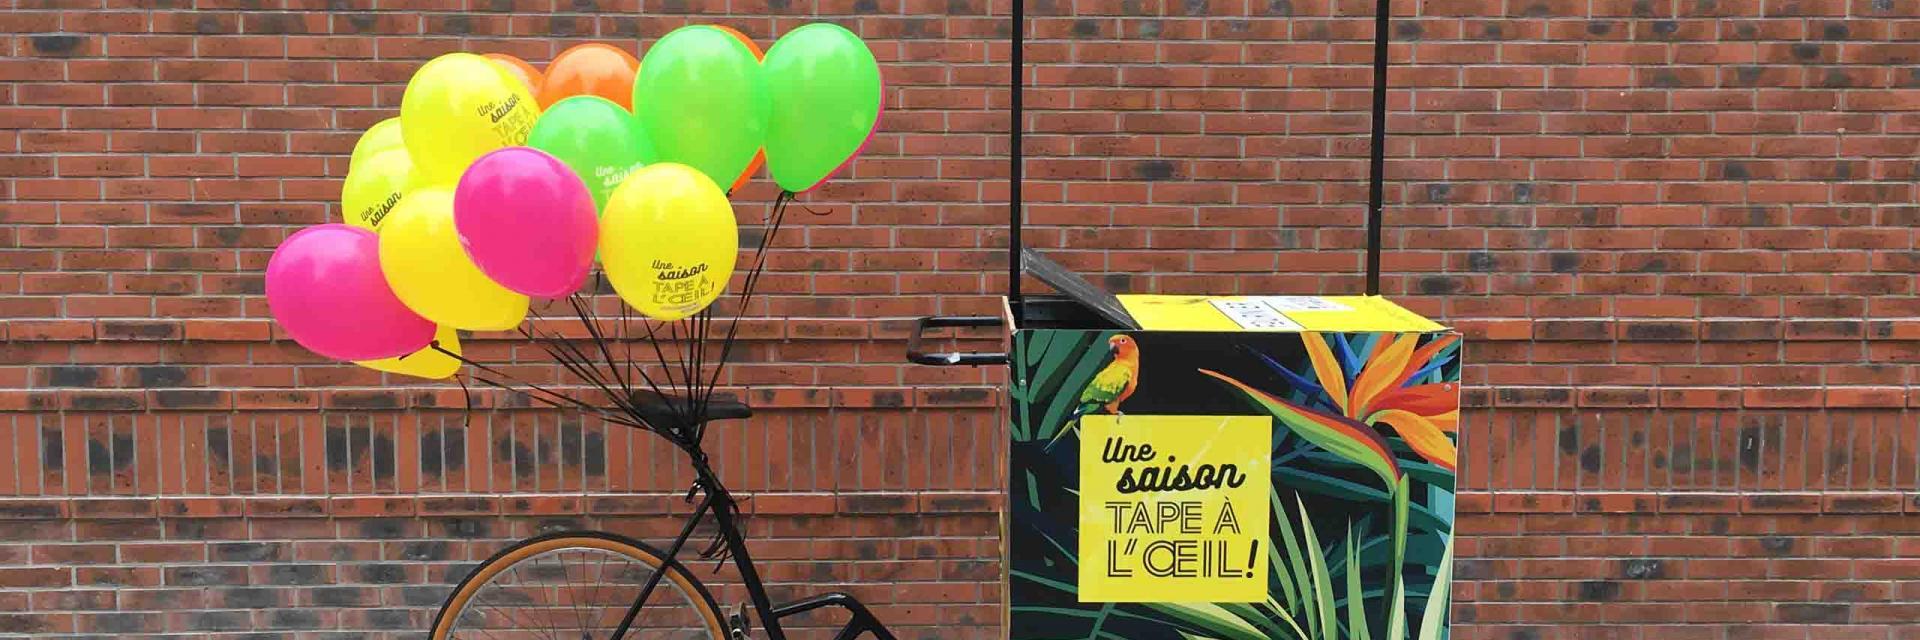 Ballon hélium pour un lancement de produit